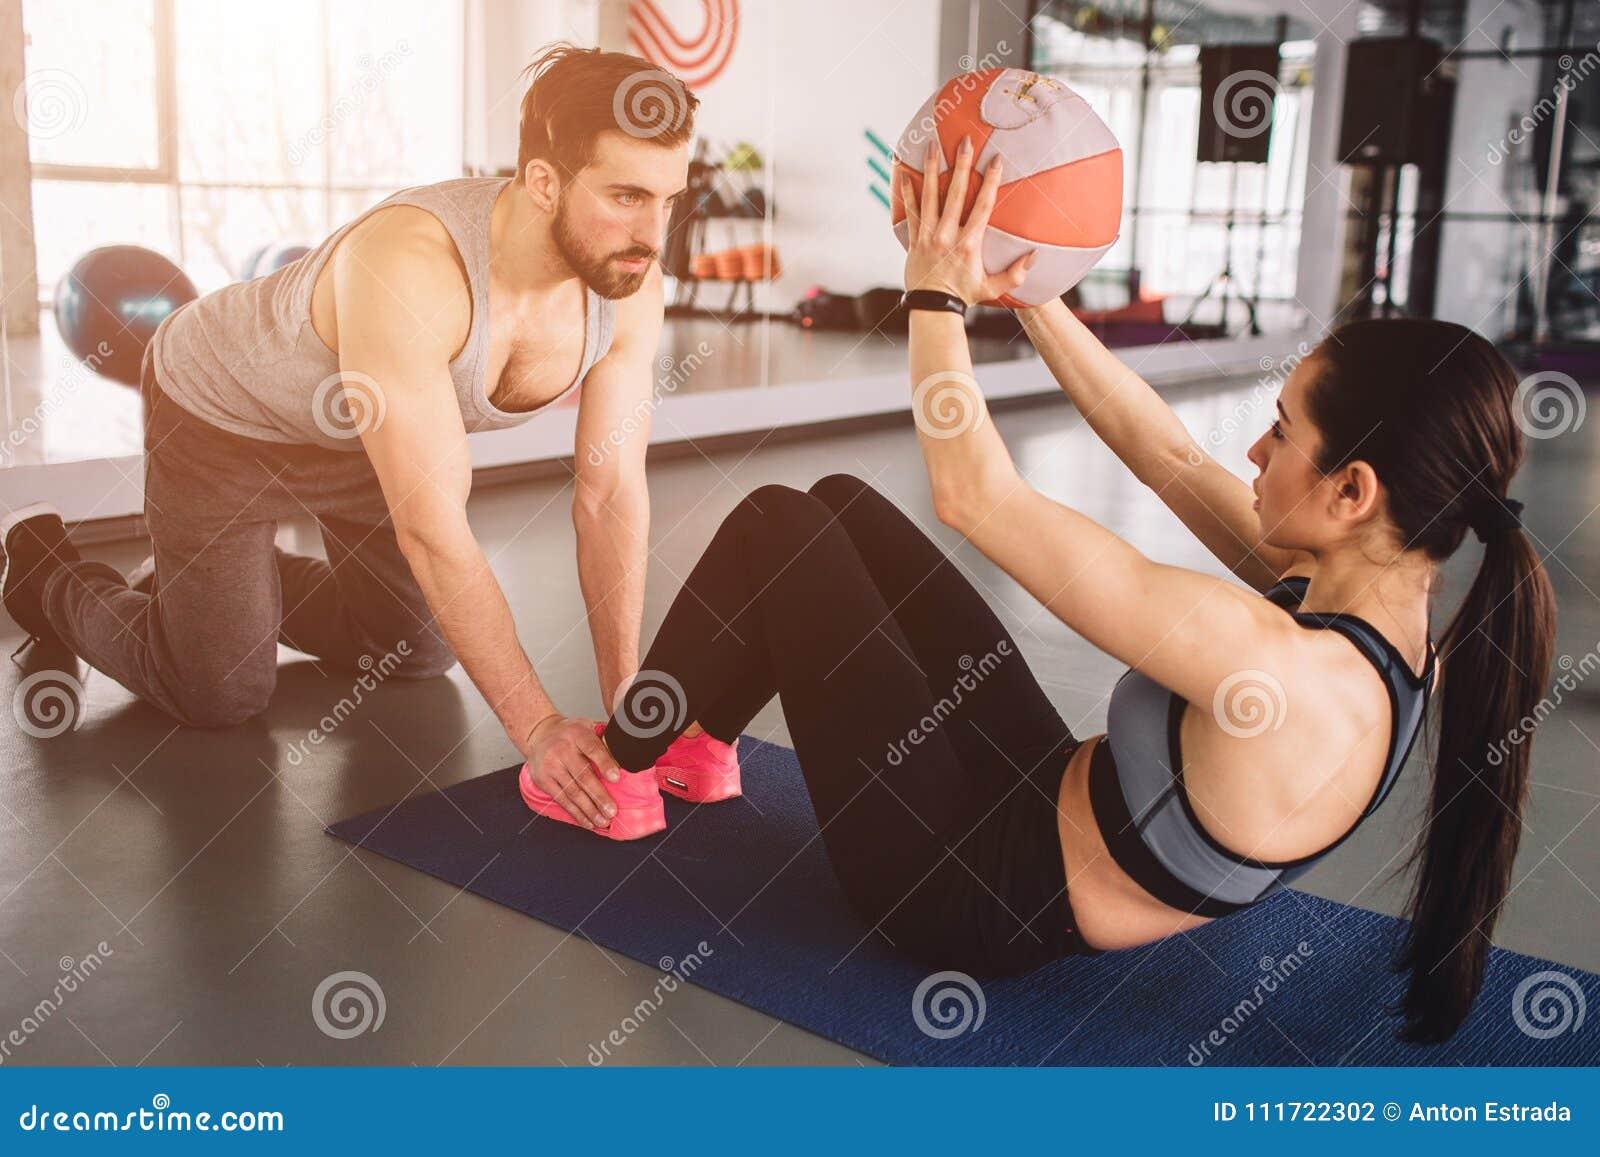 Een beeld die van meisje sommige abs doen oefent met de bal uit terwijl haar sportpartner haar benen op de vloer in bedwang houdt